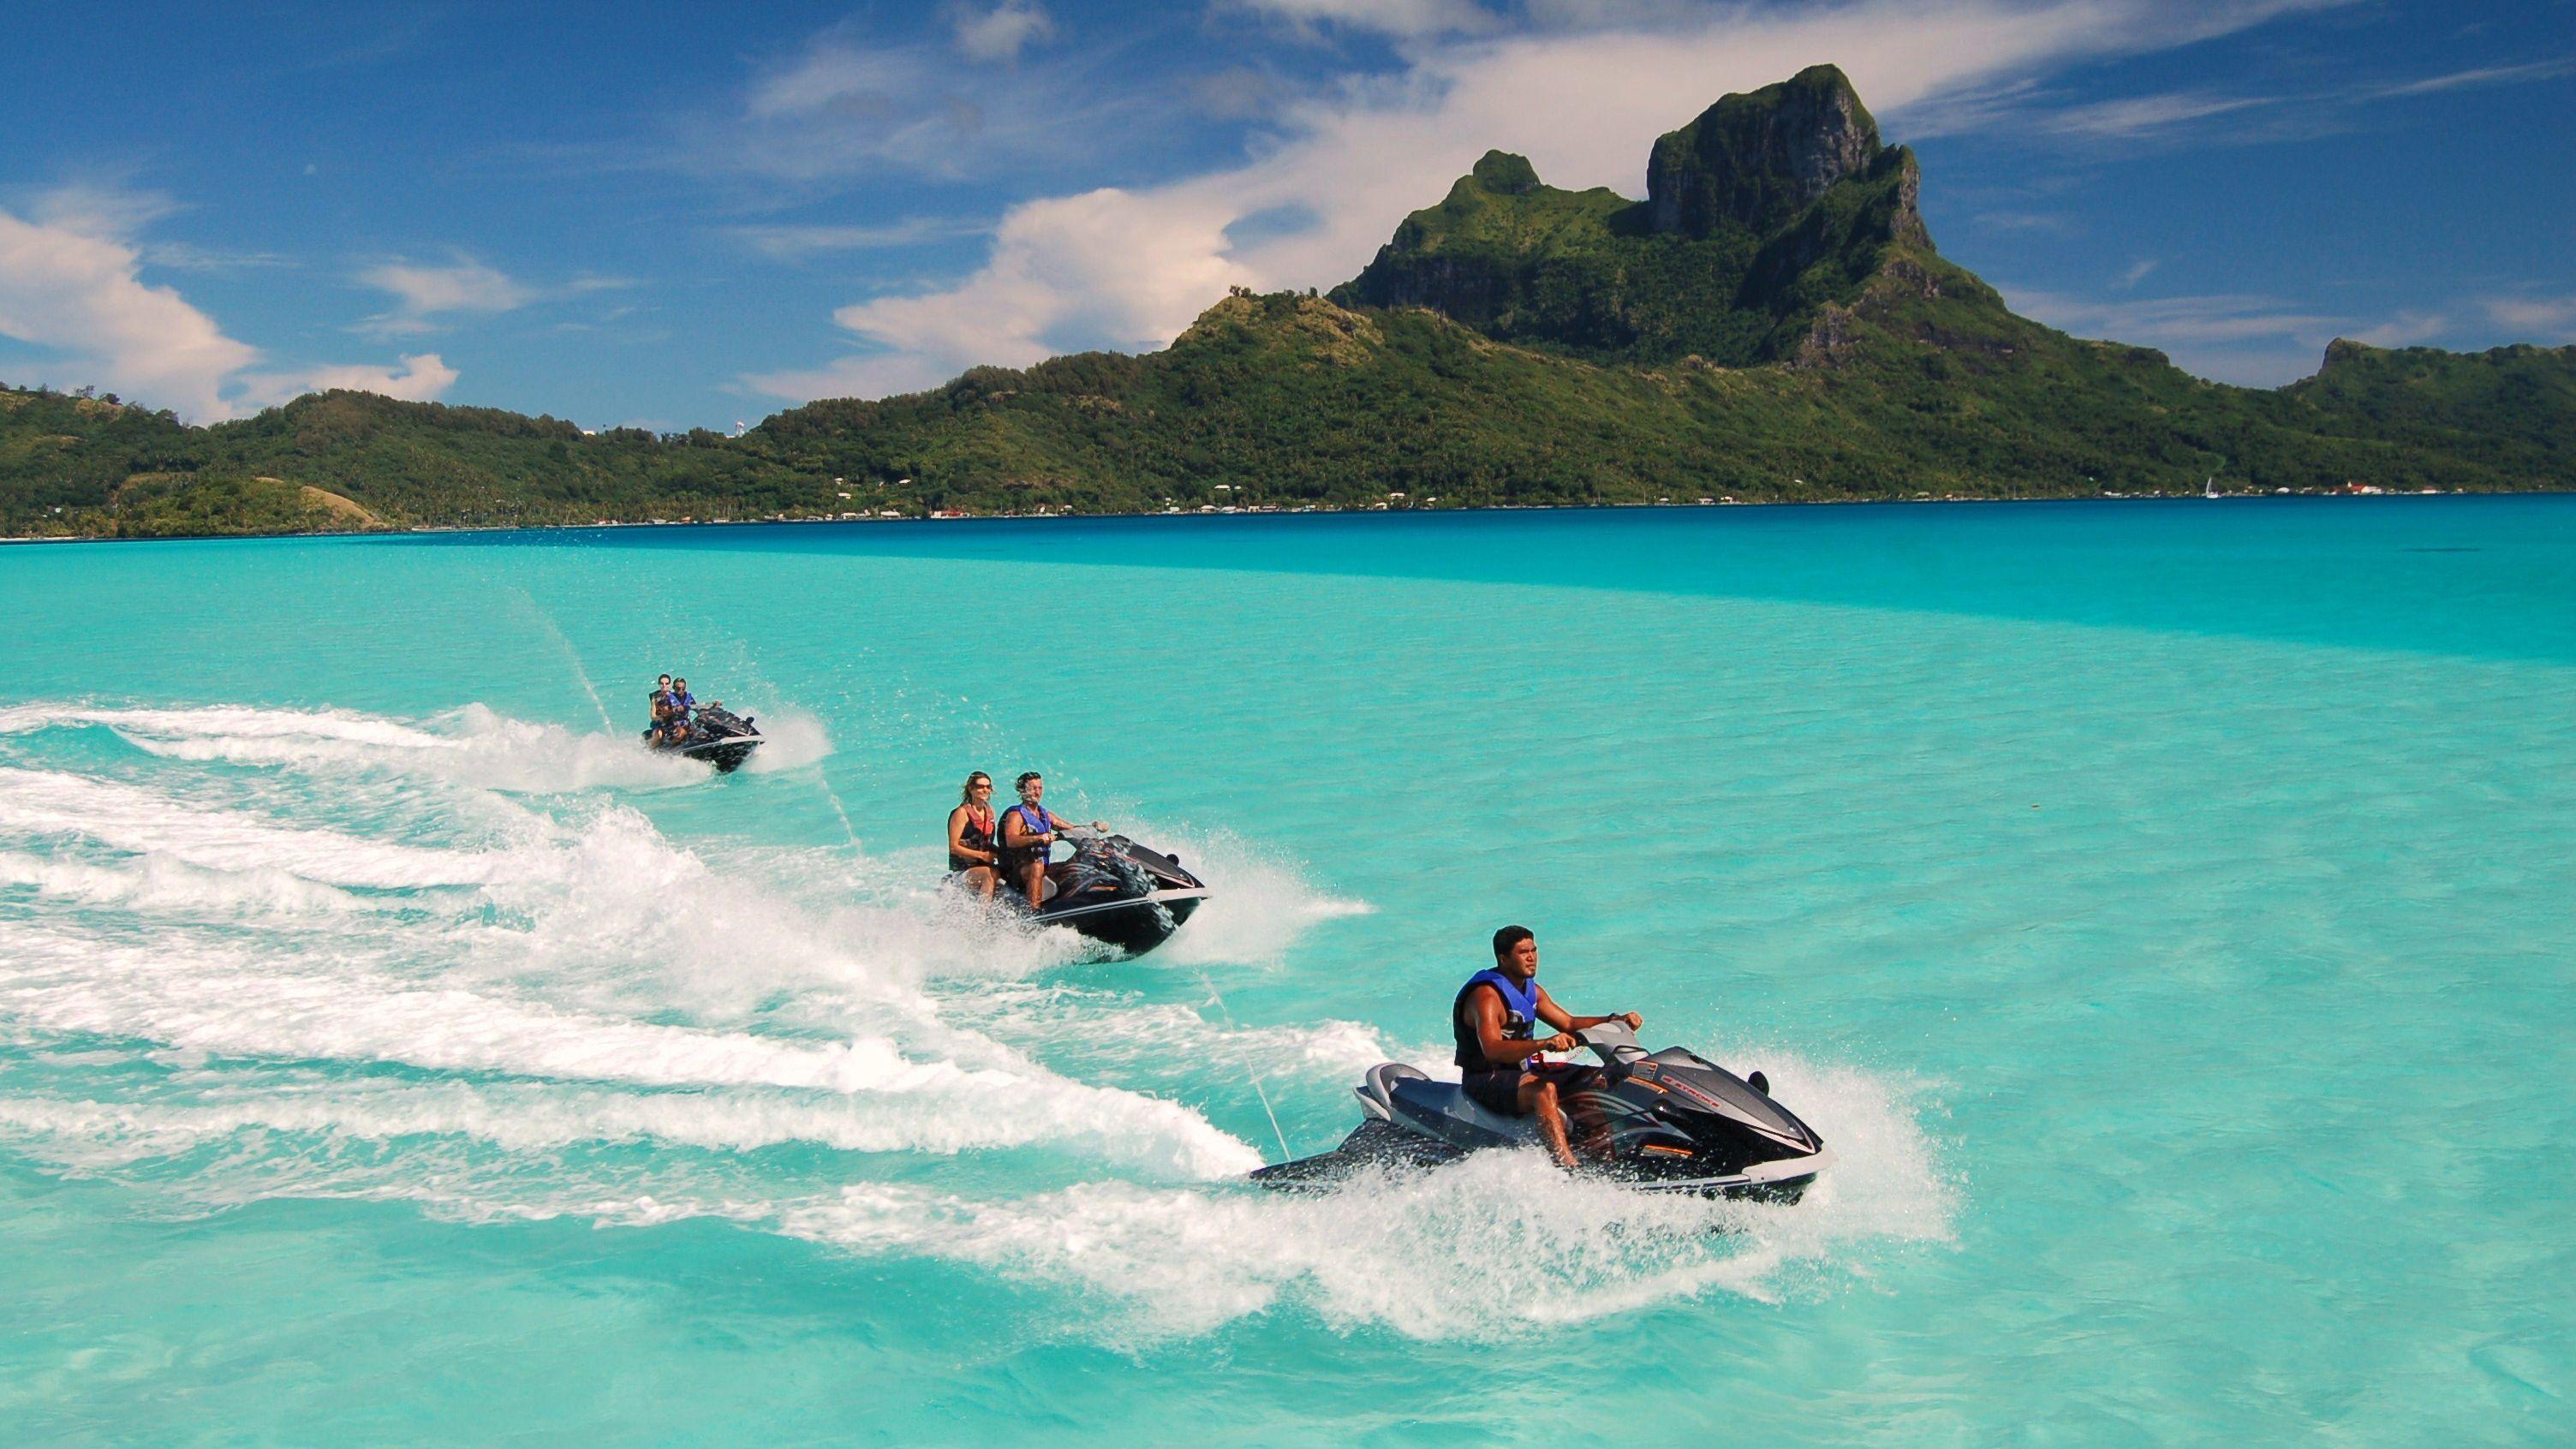 Guided Bora Bora Jet Ski Adventure